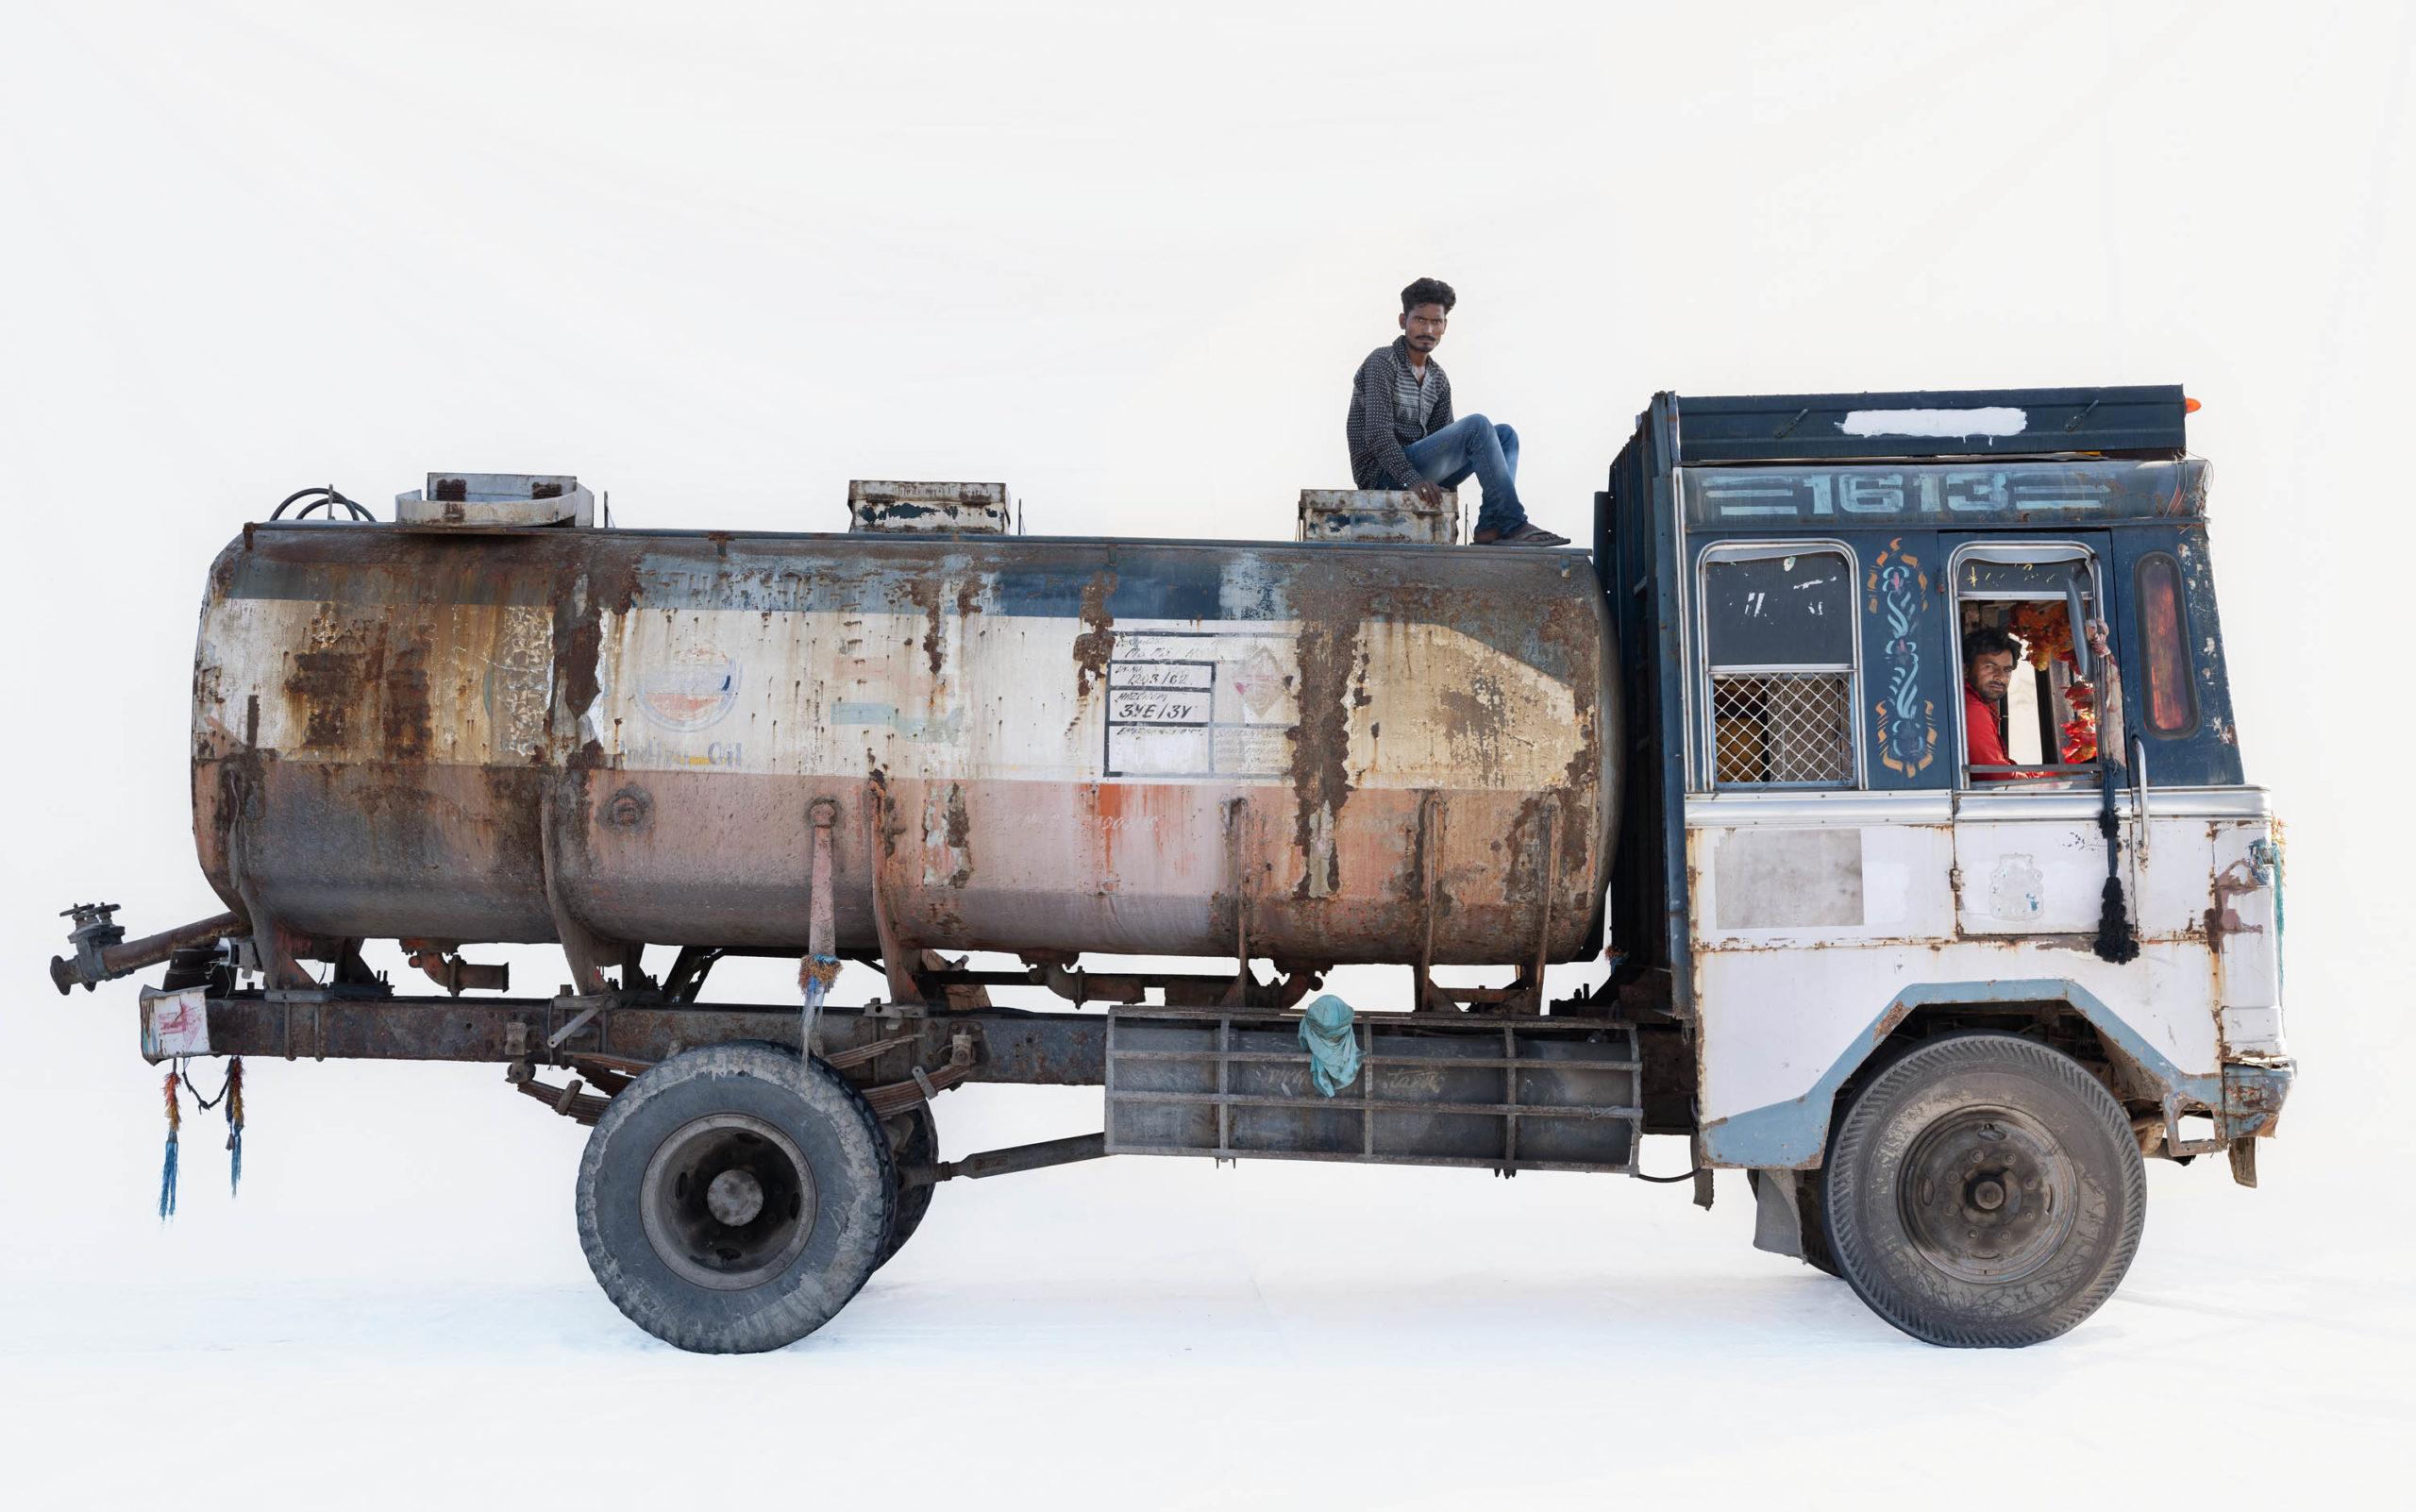 Tata 1613 (1998 model) water tanker; Truck driver Jagdish Airwal (Bhilwara, Rajasthan)